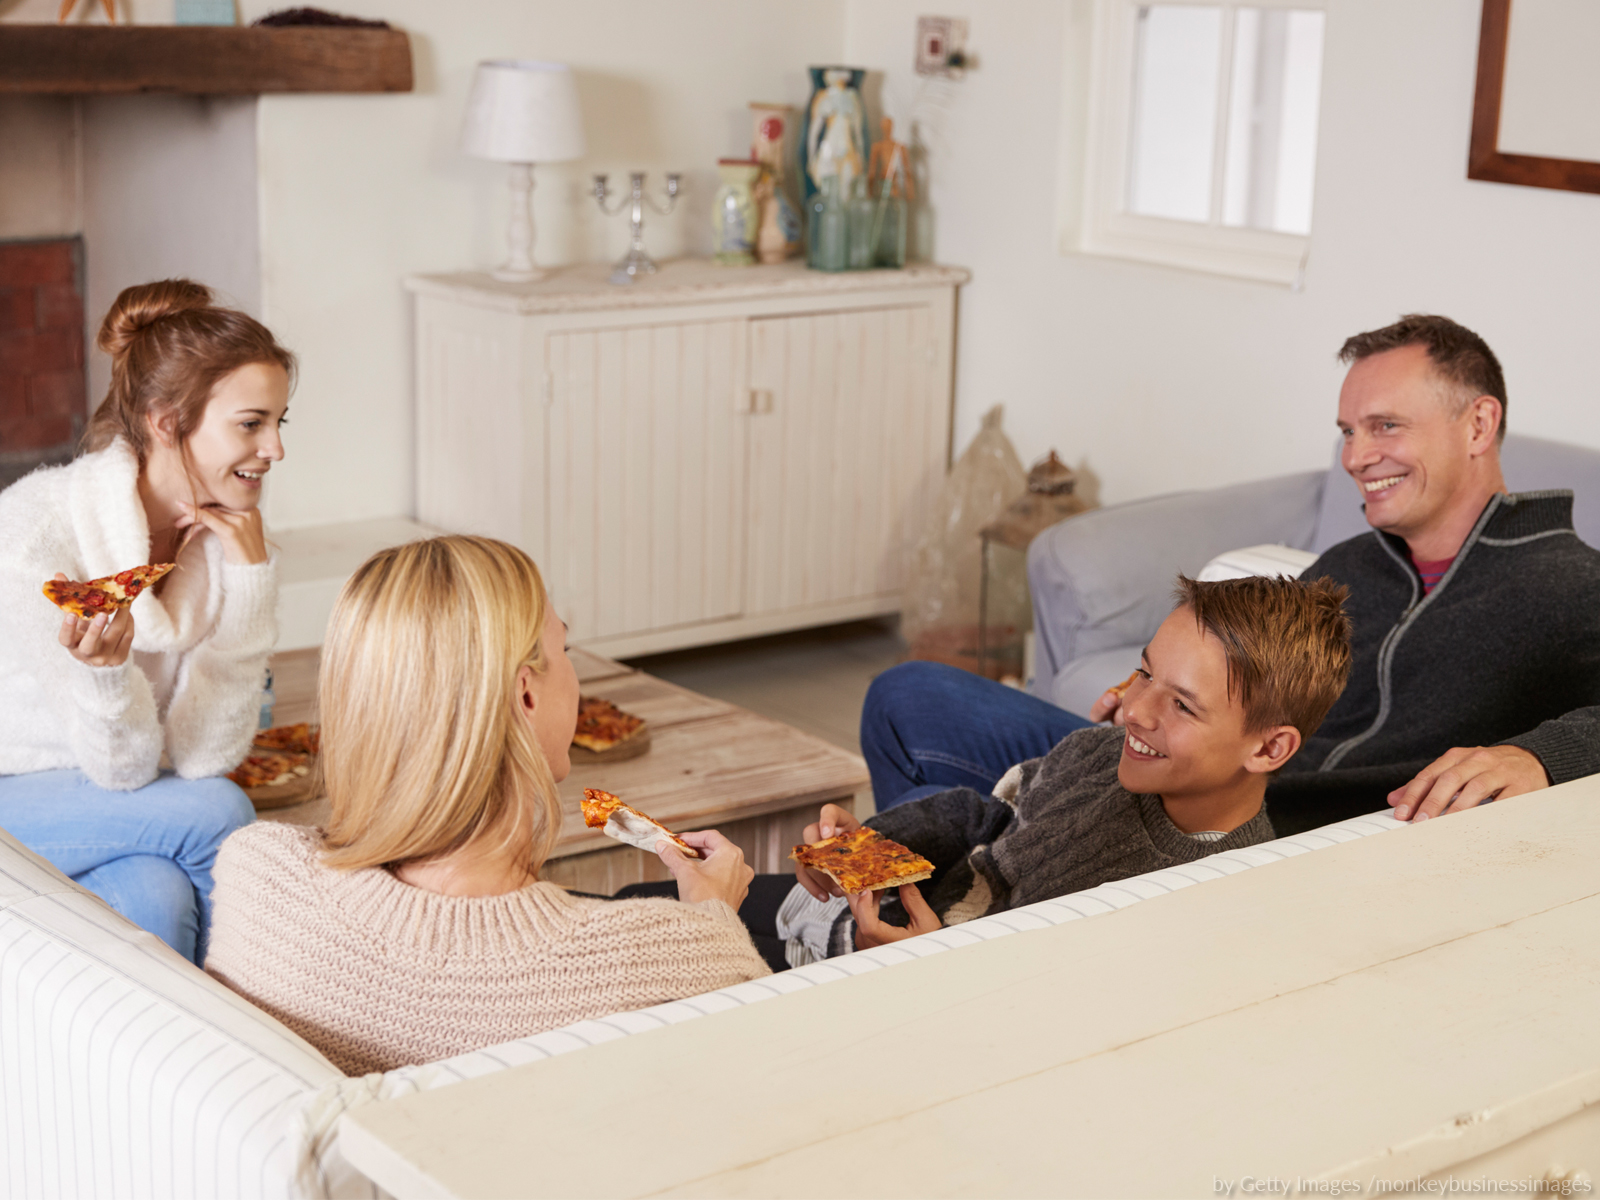 Diário de quarentena conflitos familiares